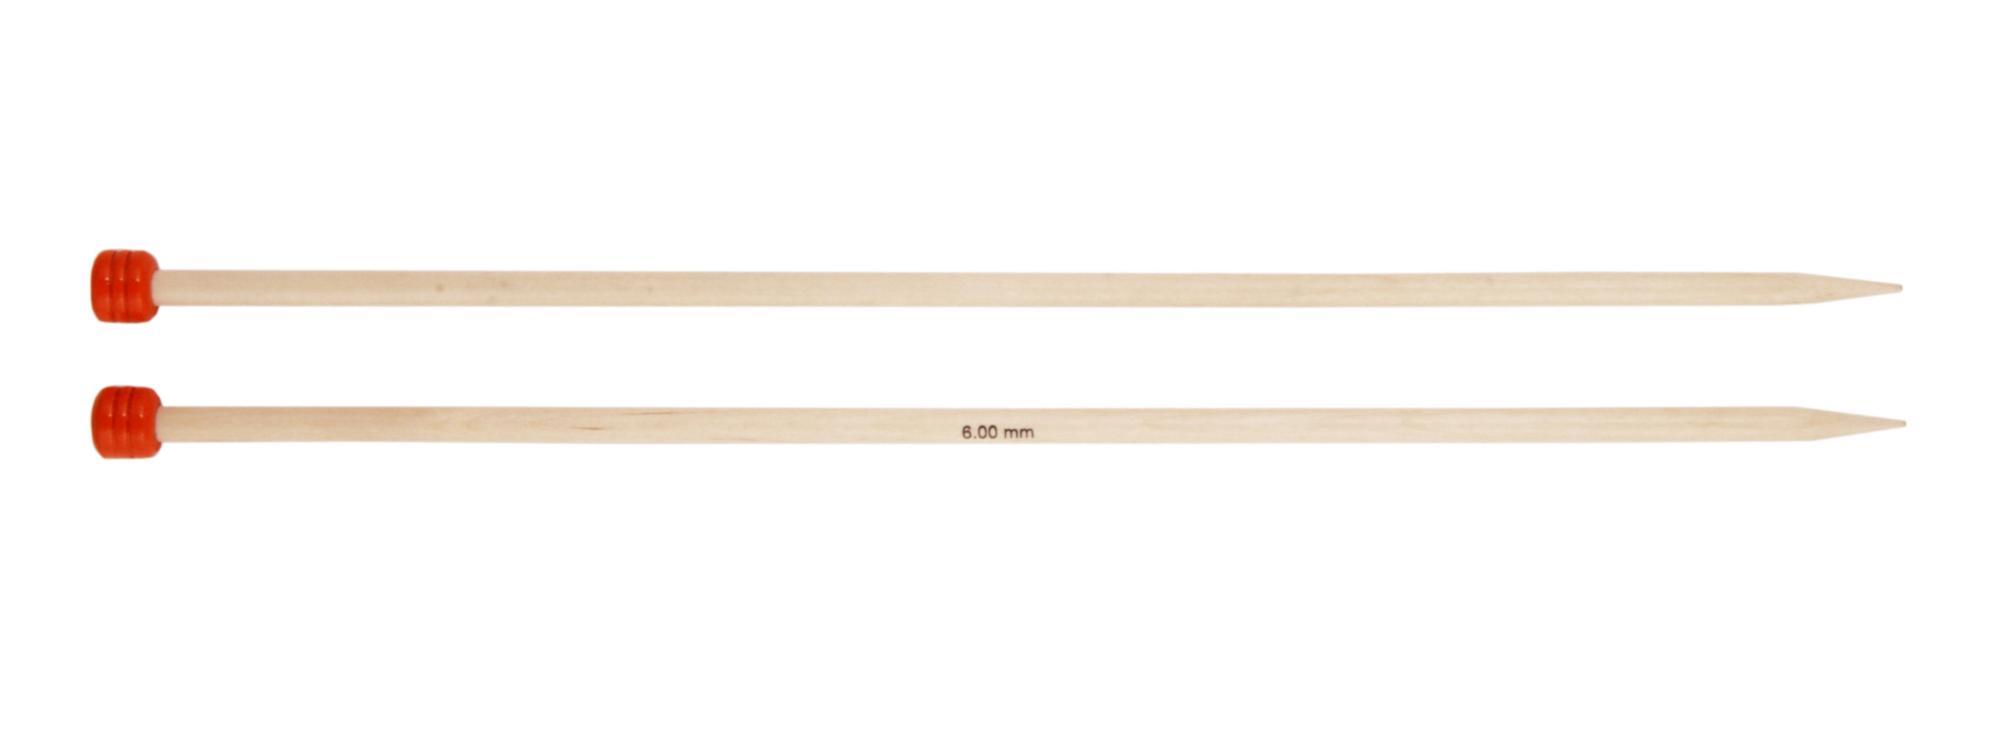 Спицы прямые 40 см Basix Birch Wood KnitPro, 35283, 6.50 мм